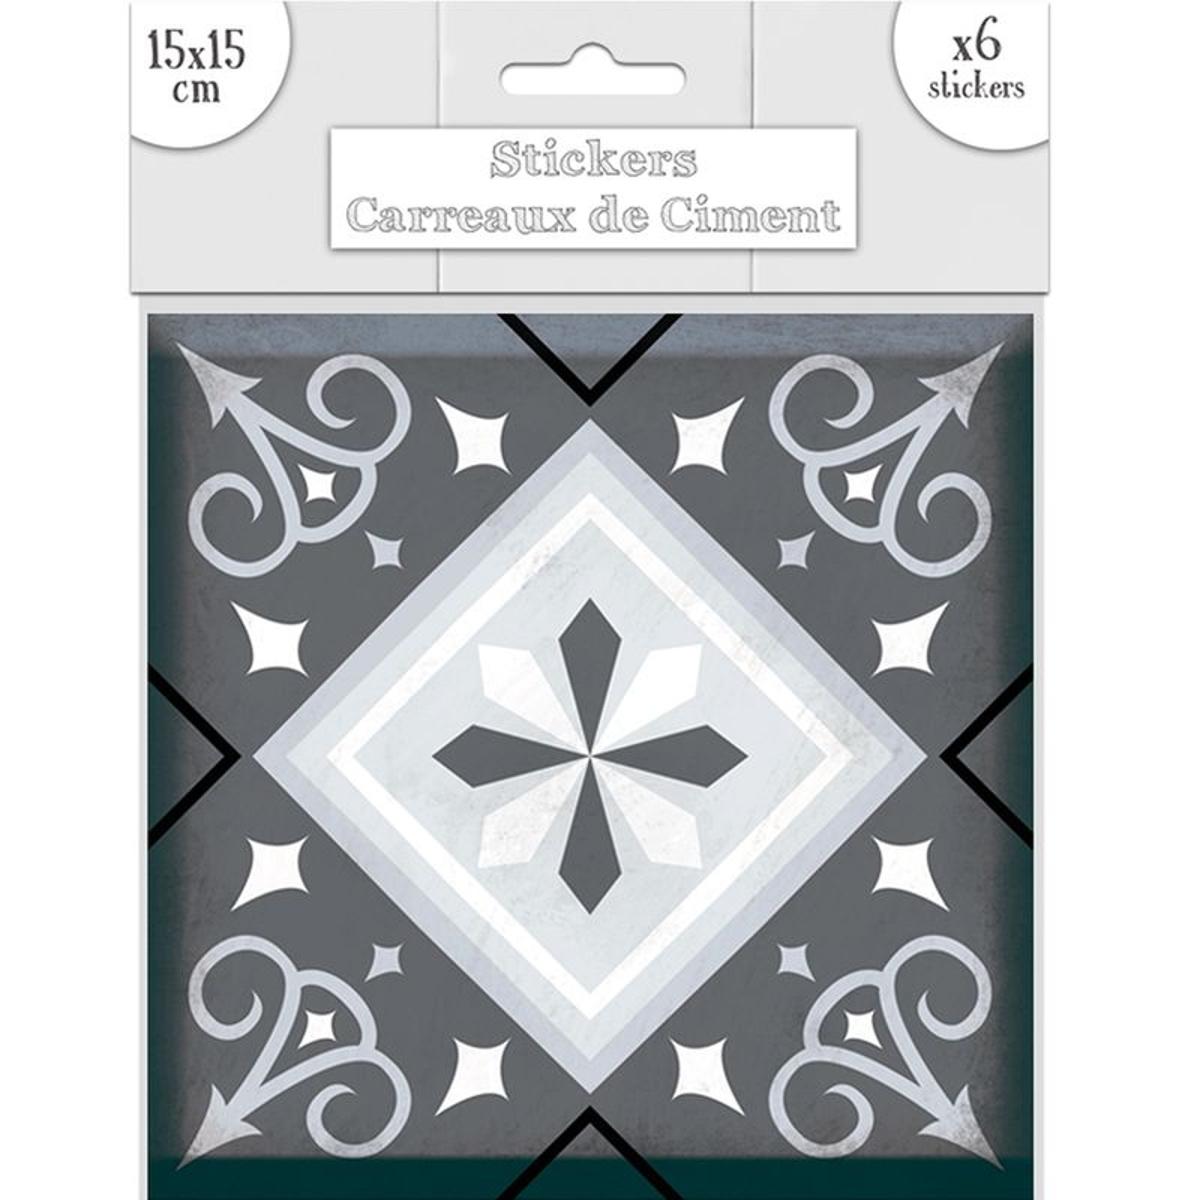 6 stickers carreaux de ciment nuances de gris 15 x 15 cm